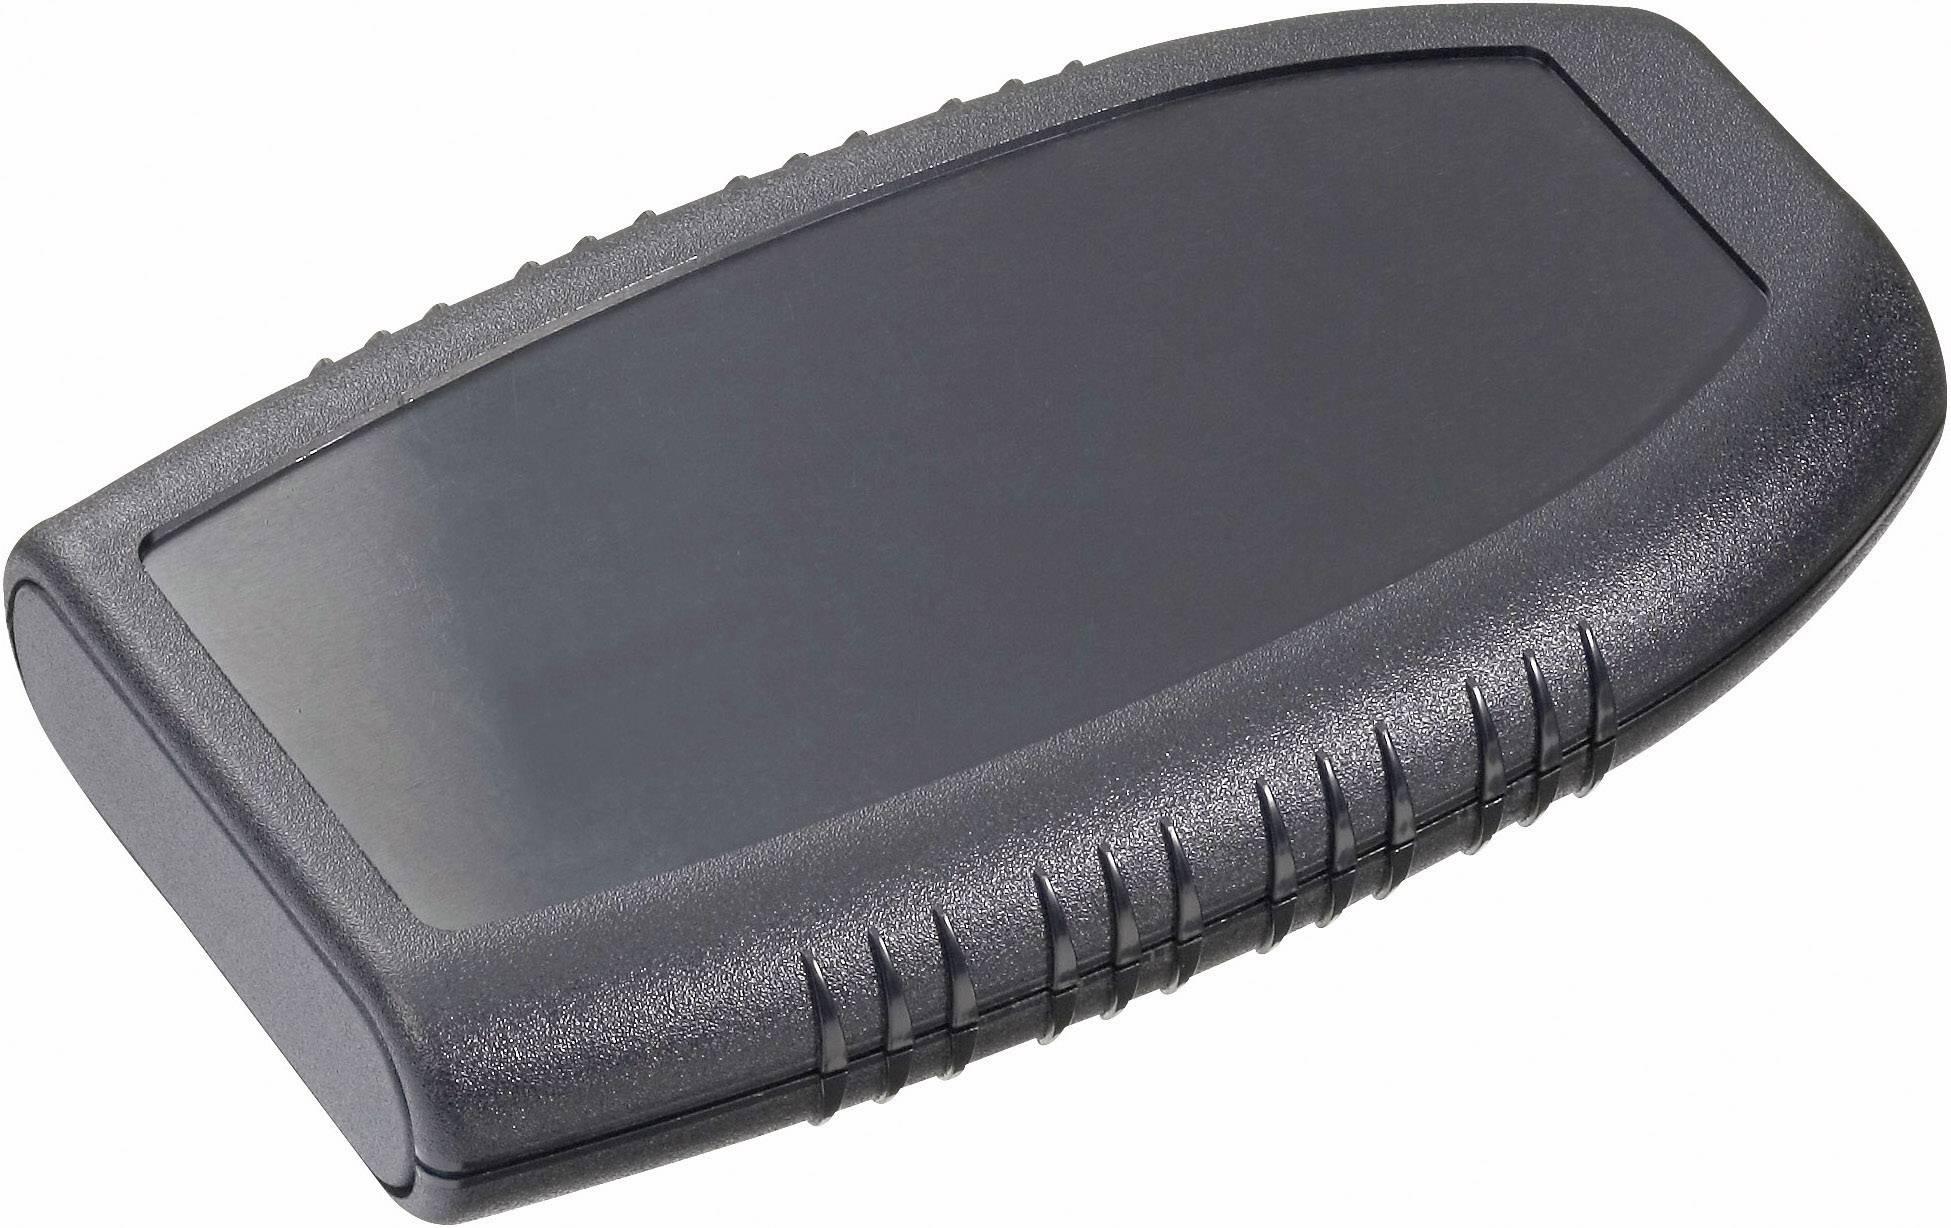 Plastová krabička Pactec HRP-9VB, 25 x 139 x 83 mm, ABS, čierna, 1 ks